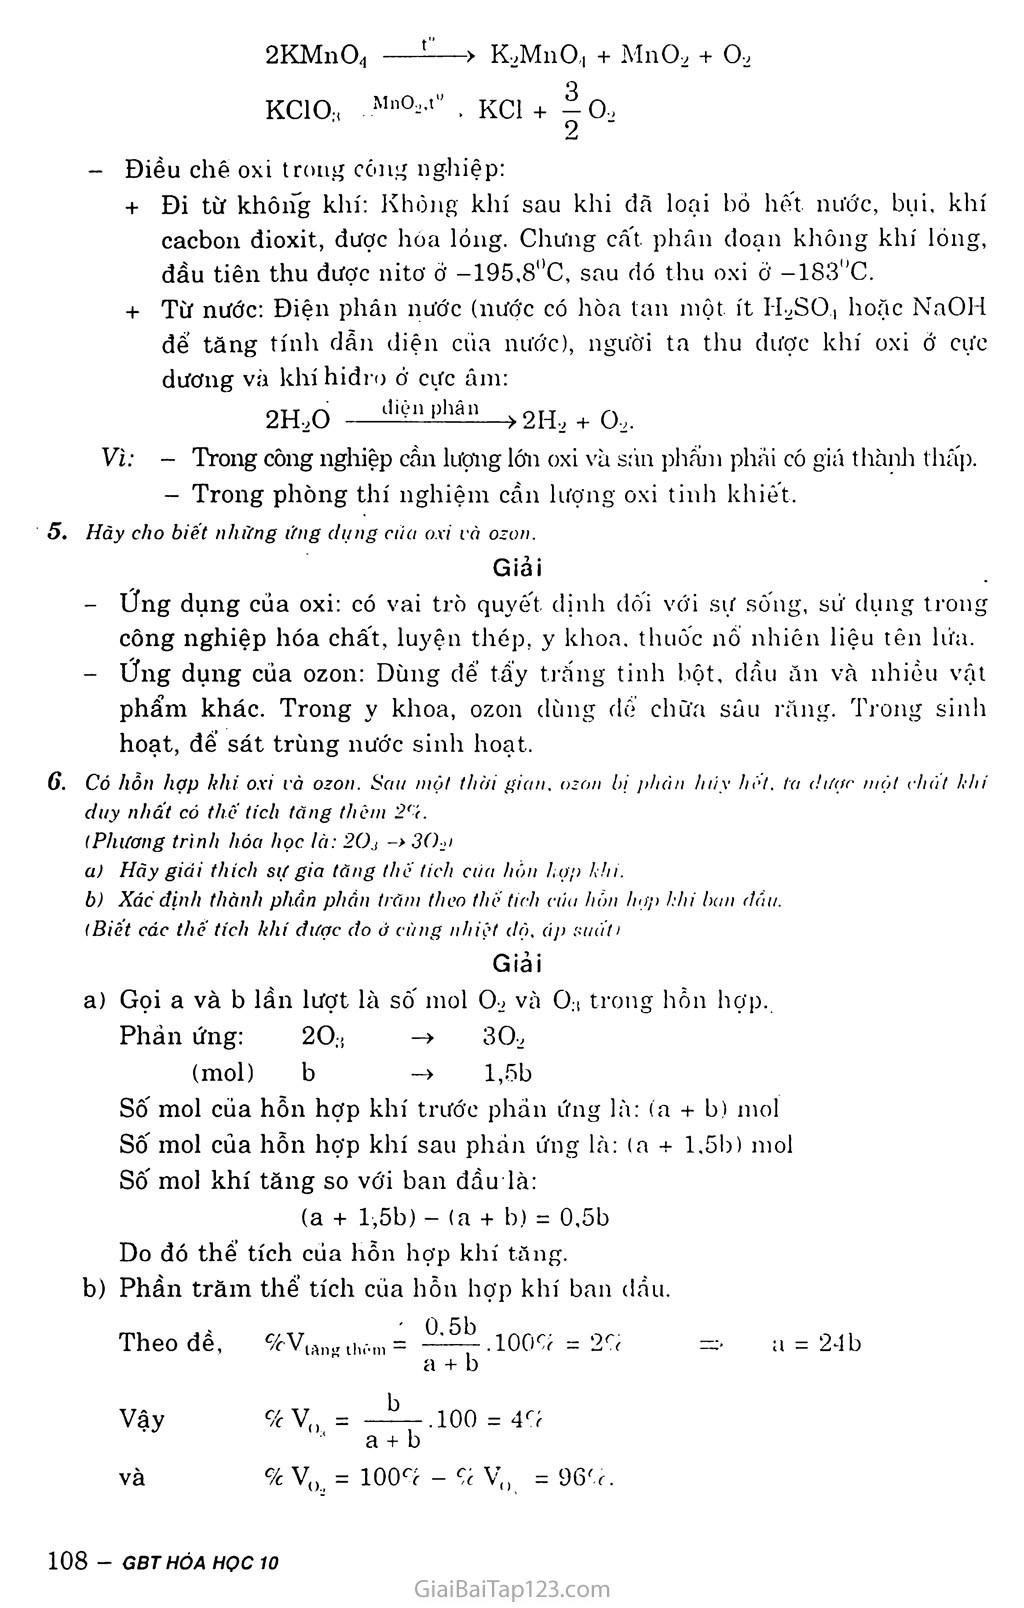 Bài 29: Oxit - Ozon trang 4